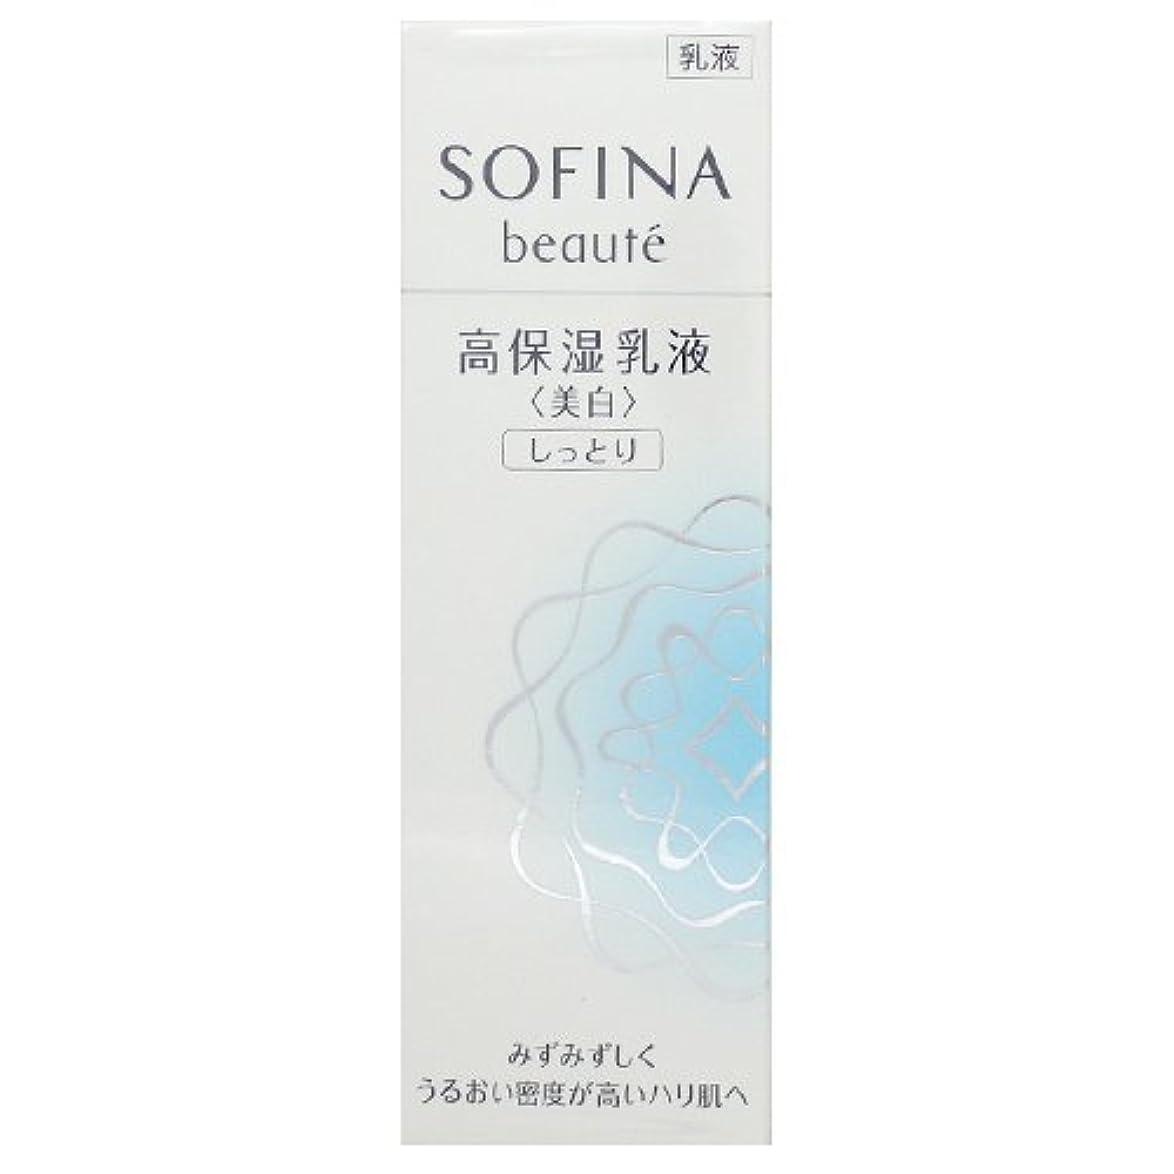 累積用語集送った花王 ソフィーナ ボーテ 高保湿乳液 美白 しっとり 60g